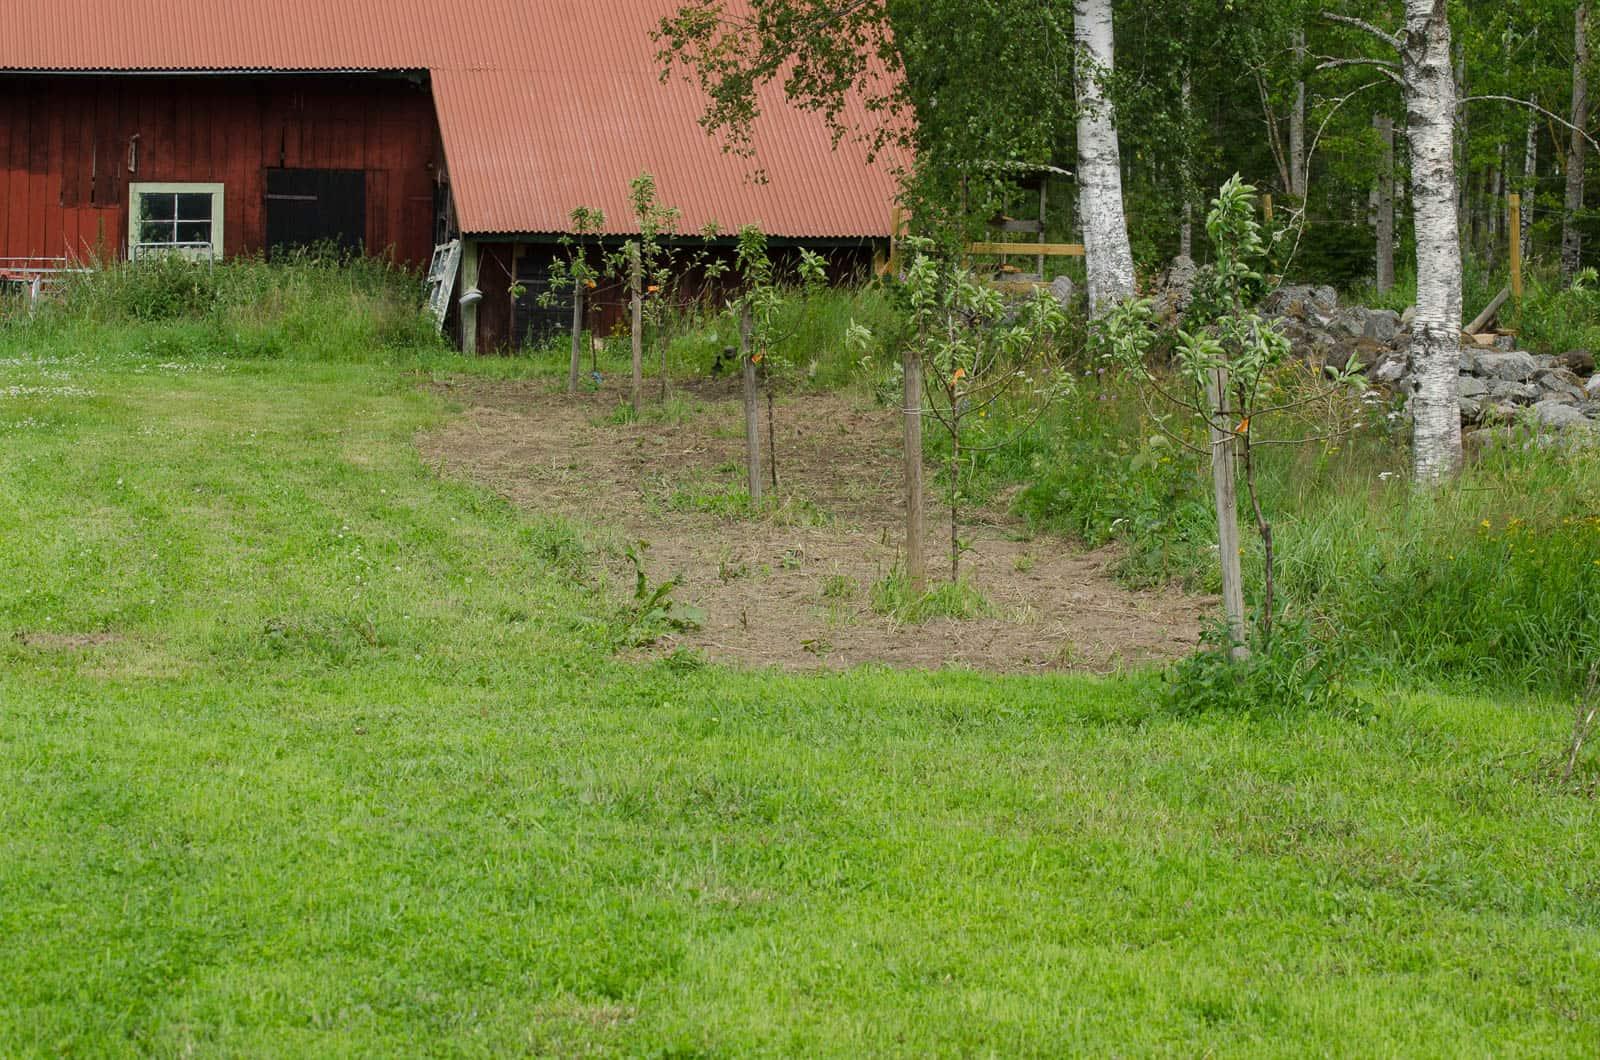 Här bestämde jag mig för att så gräs för ett par dagar sedan och räknar med att det som ut som gräset närmast i bild om några veckor.